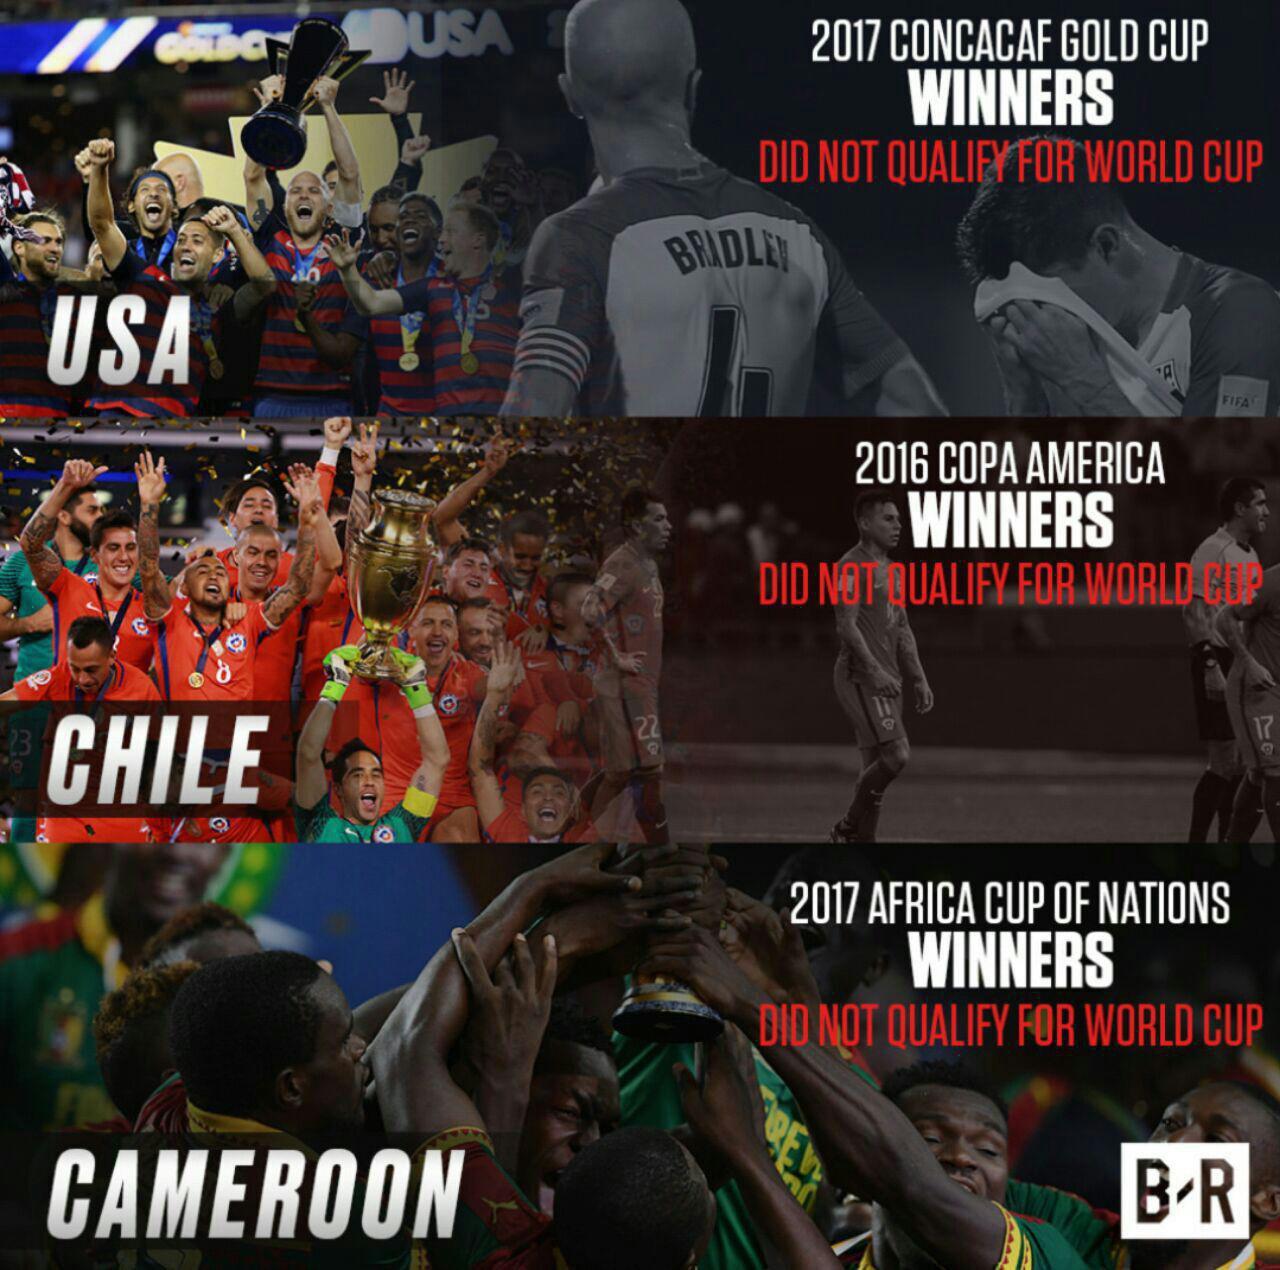 قهرمان سه قاره جهان به جام جهانی نرفتند! +عکس